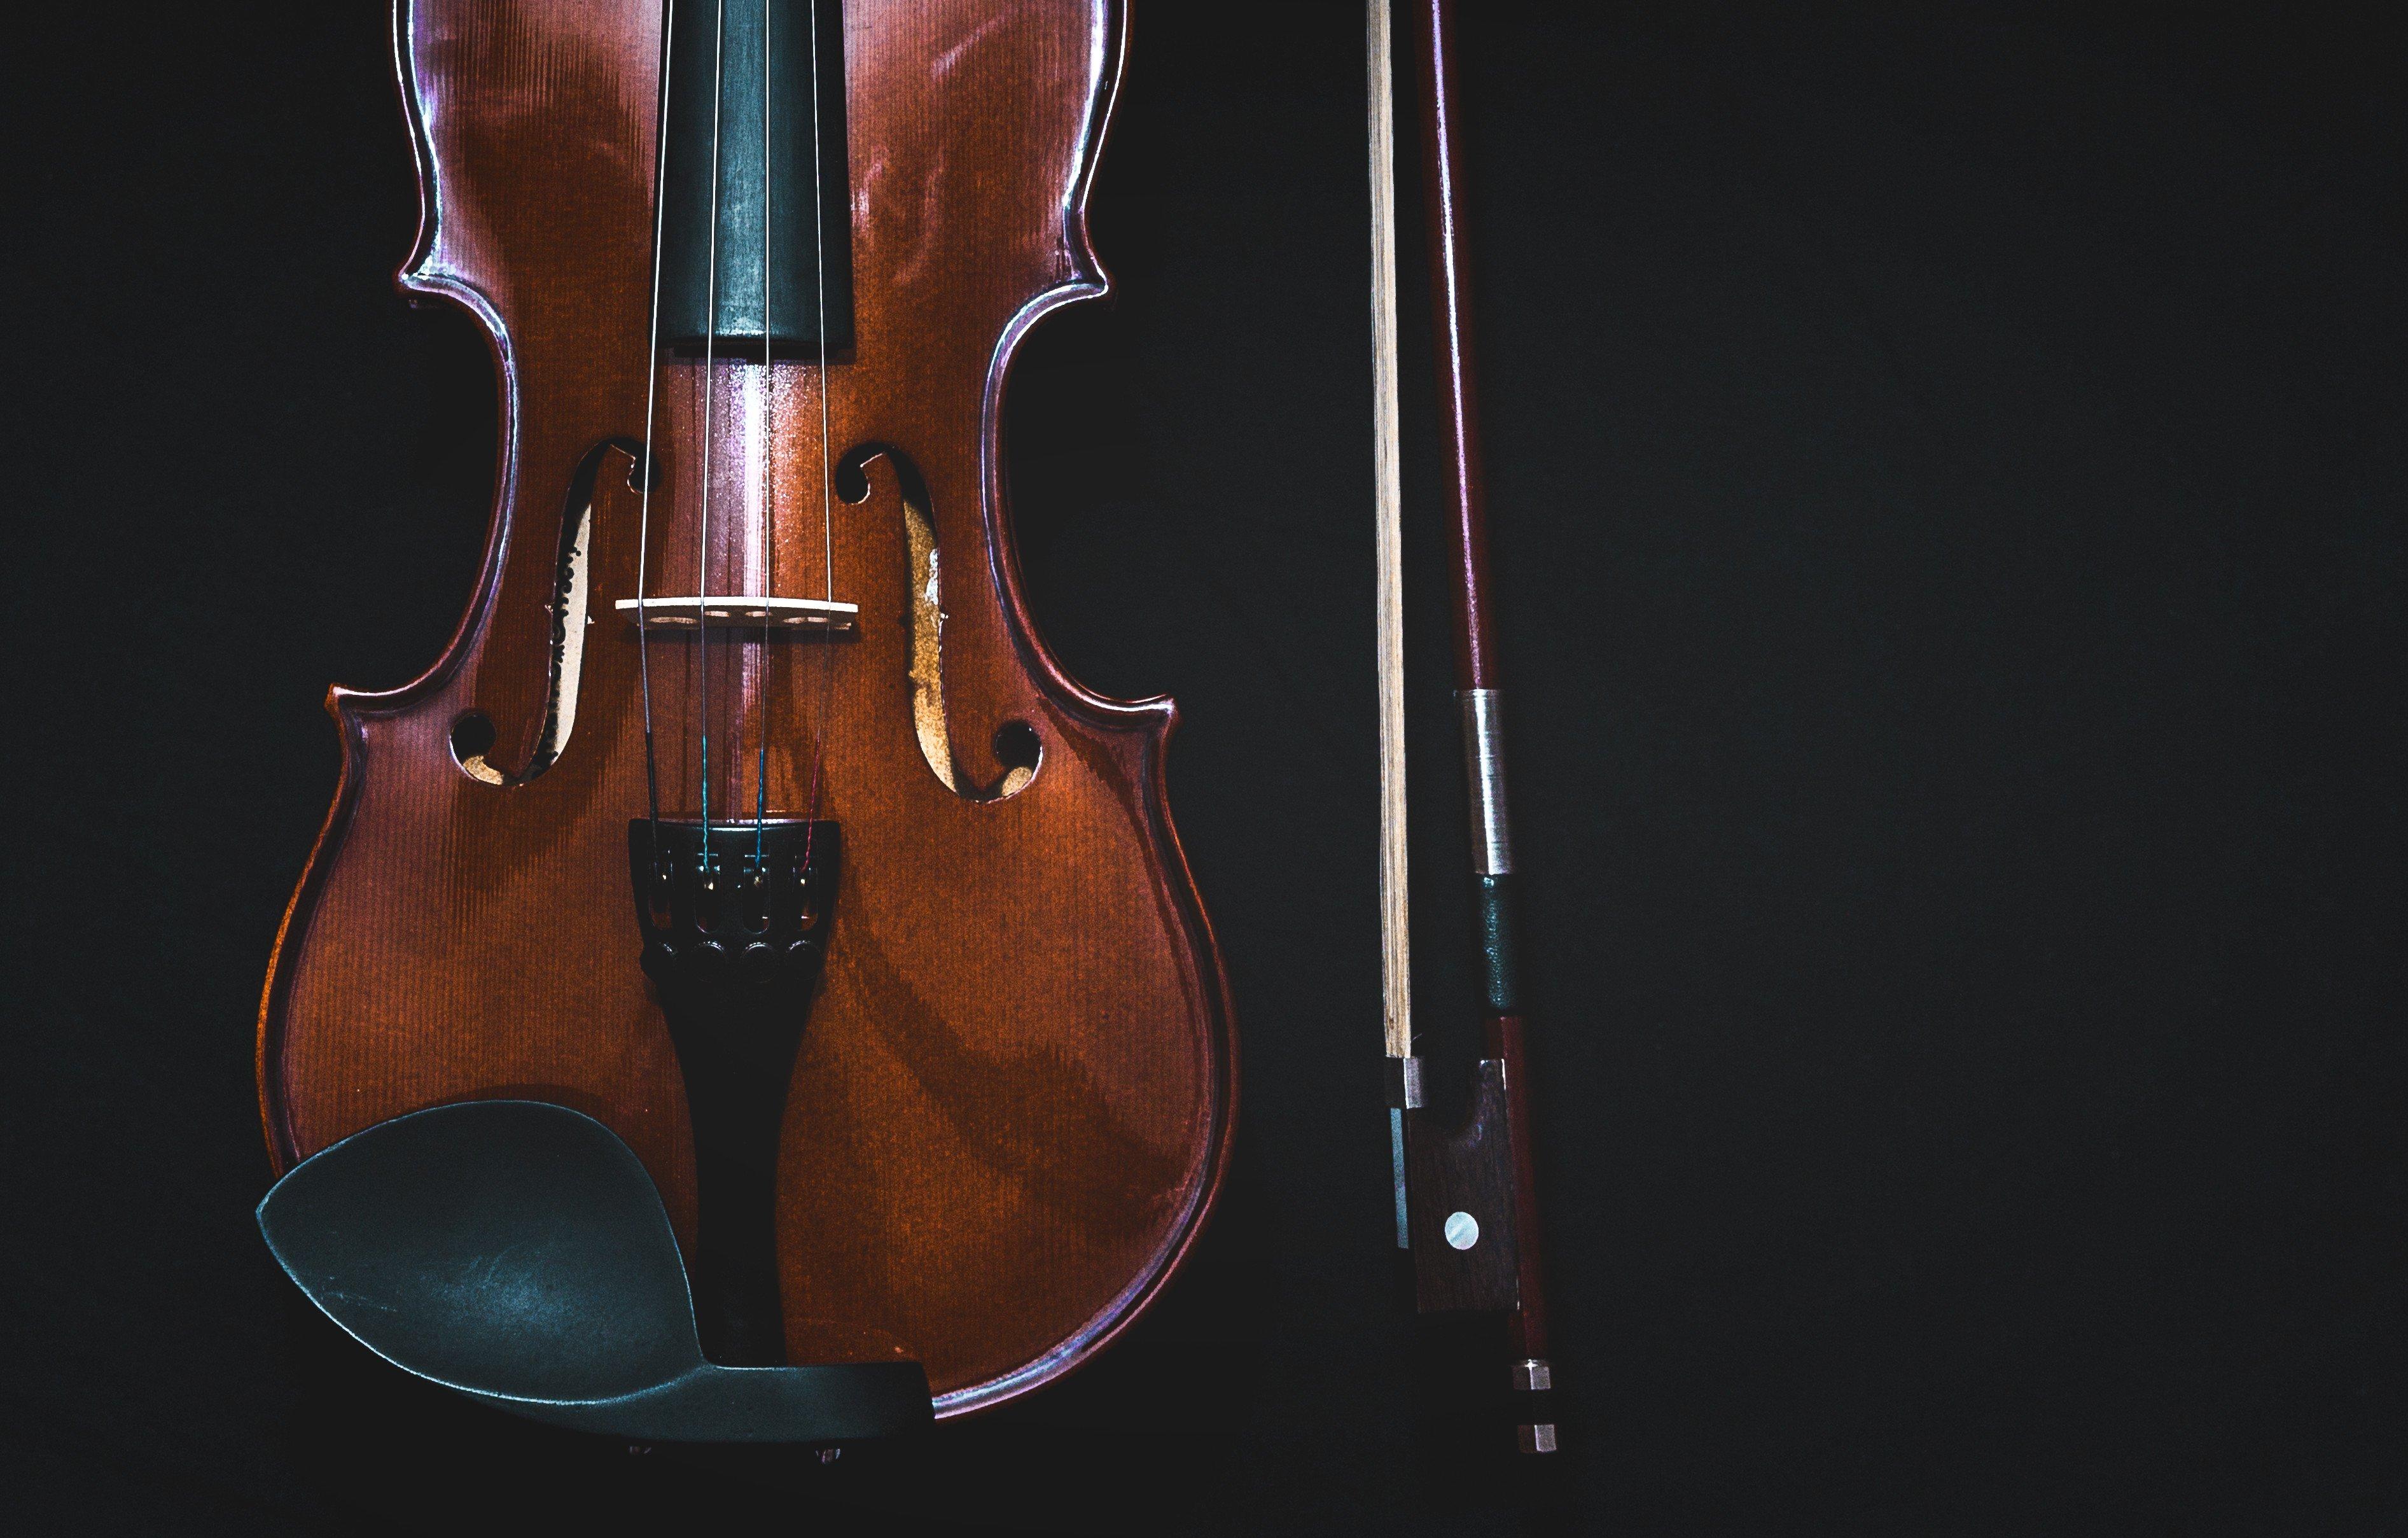 Rassegna di musica da camera e giochi tradizionali: questo è molto altro è #Giochidacamera.17.